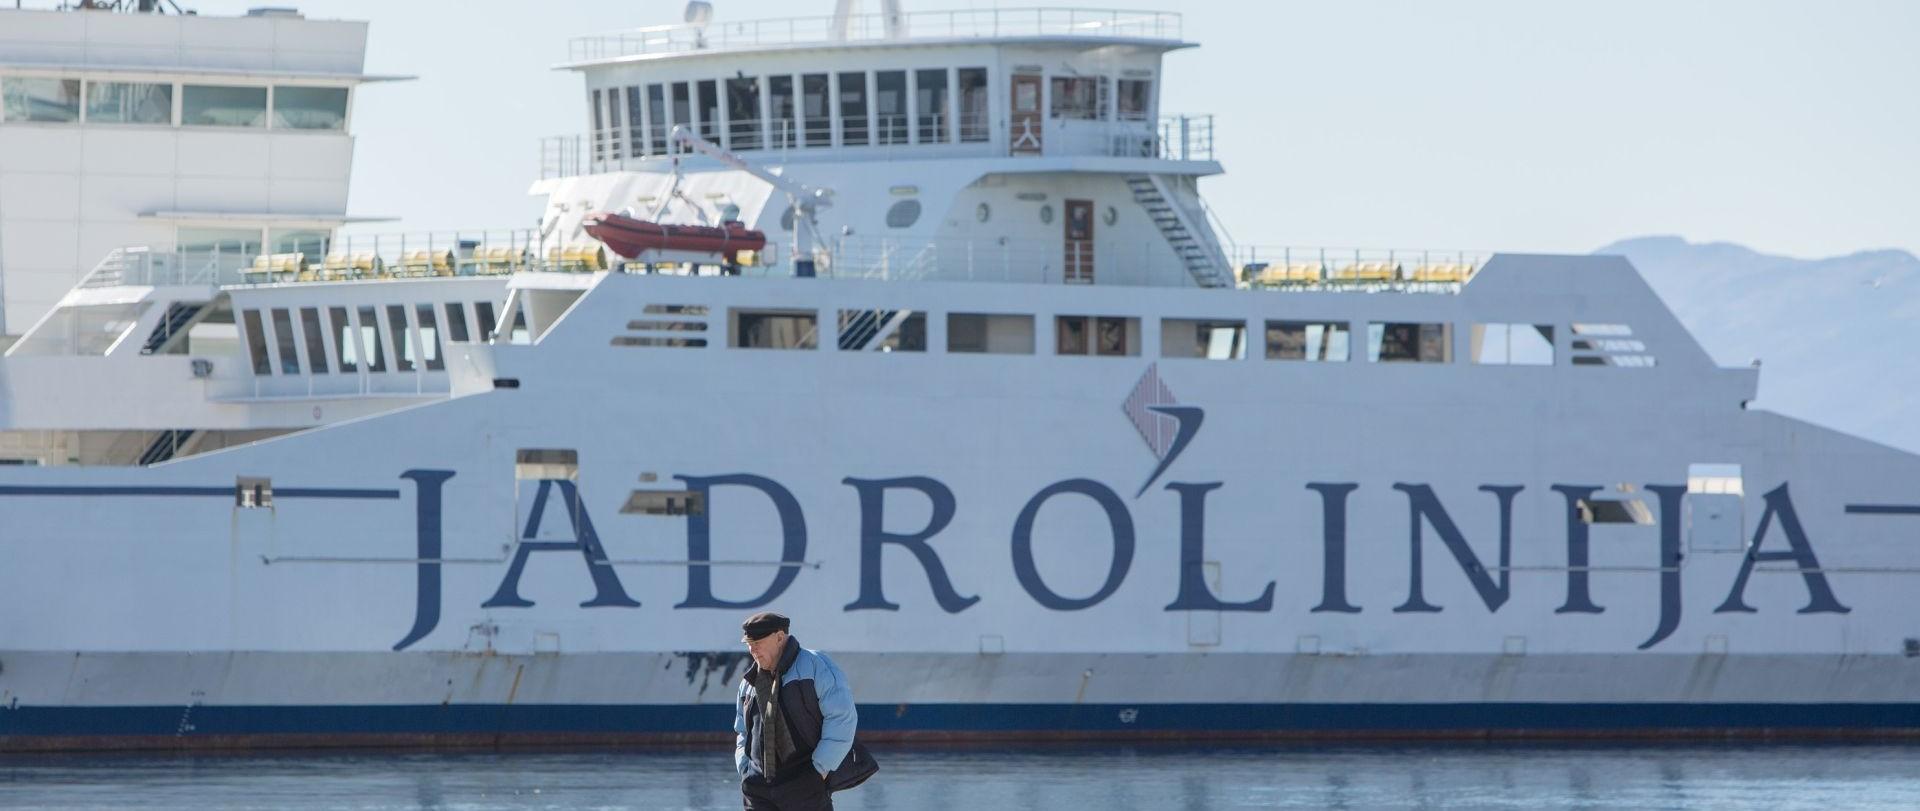 LOŠE POSLOVANJE: Sindikat pomoraca zatražio smjenu Uprave Jadrolinije